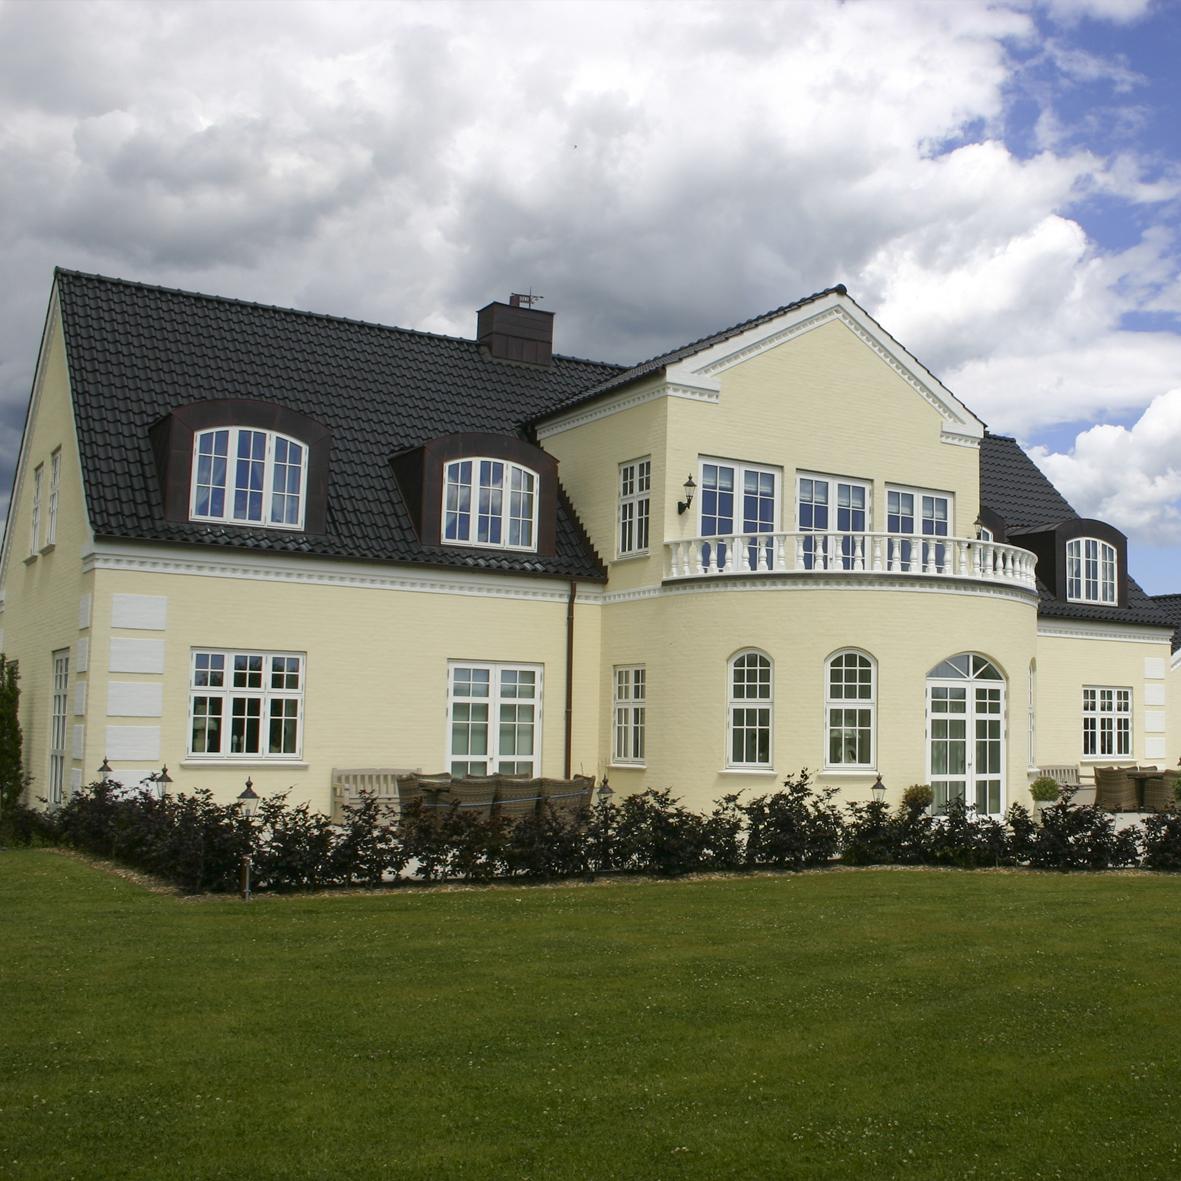 skalcem 100 farver Skalcem S2000/CF2000 | Skalflex facadebehandling   Skalflex.dk skalcem 100 farver